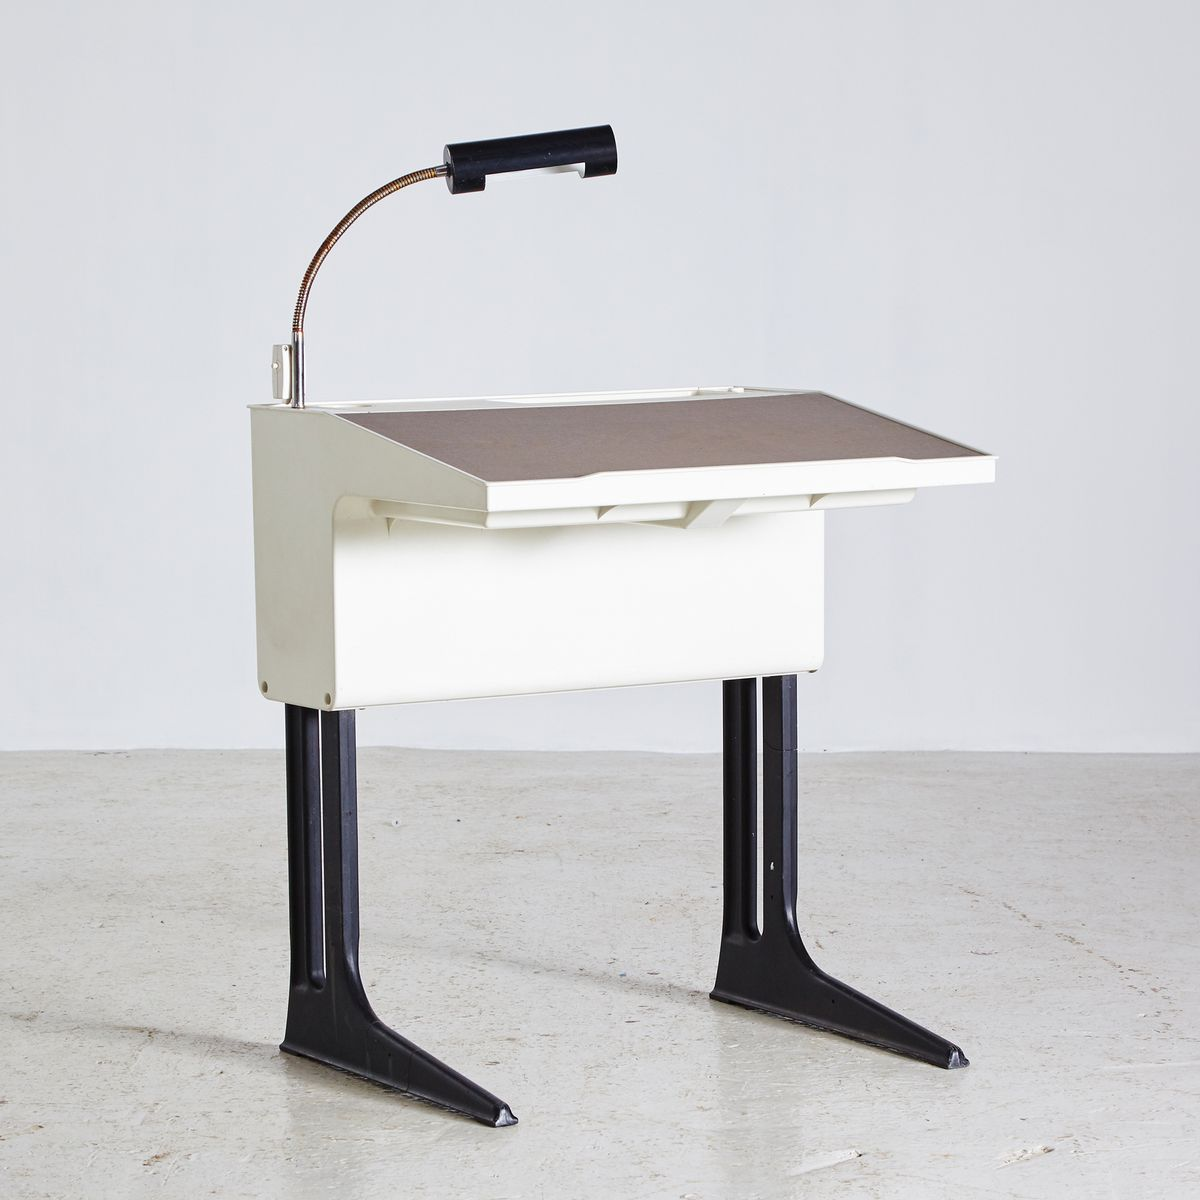 deutscher schreibtisch von luigi colani f r fl totto 1970er bei pamono kaufen. Black Bedroom Furniture Sets. Home Design Ideas